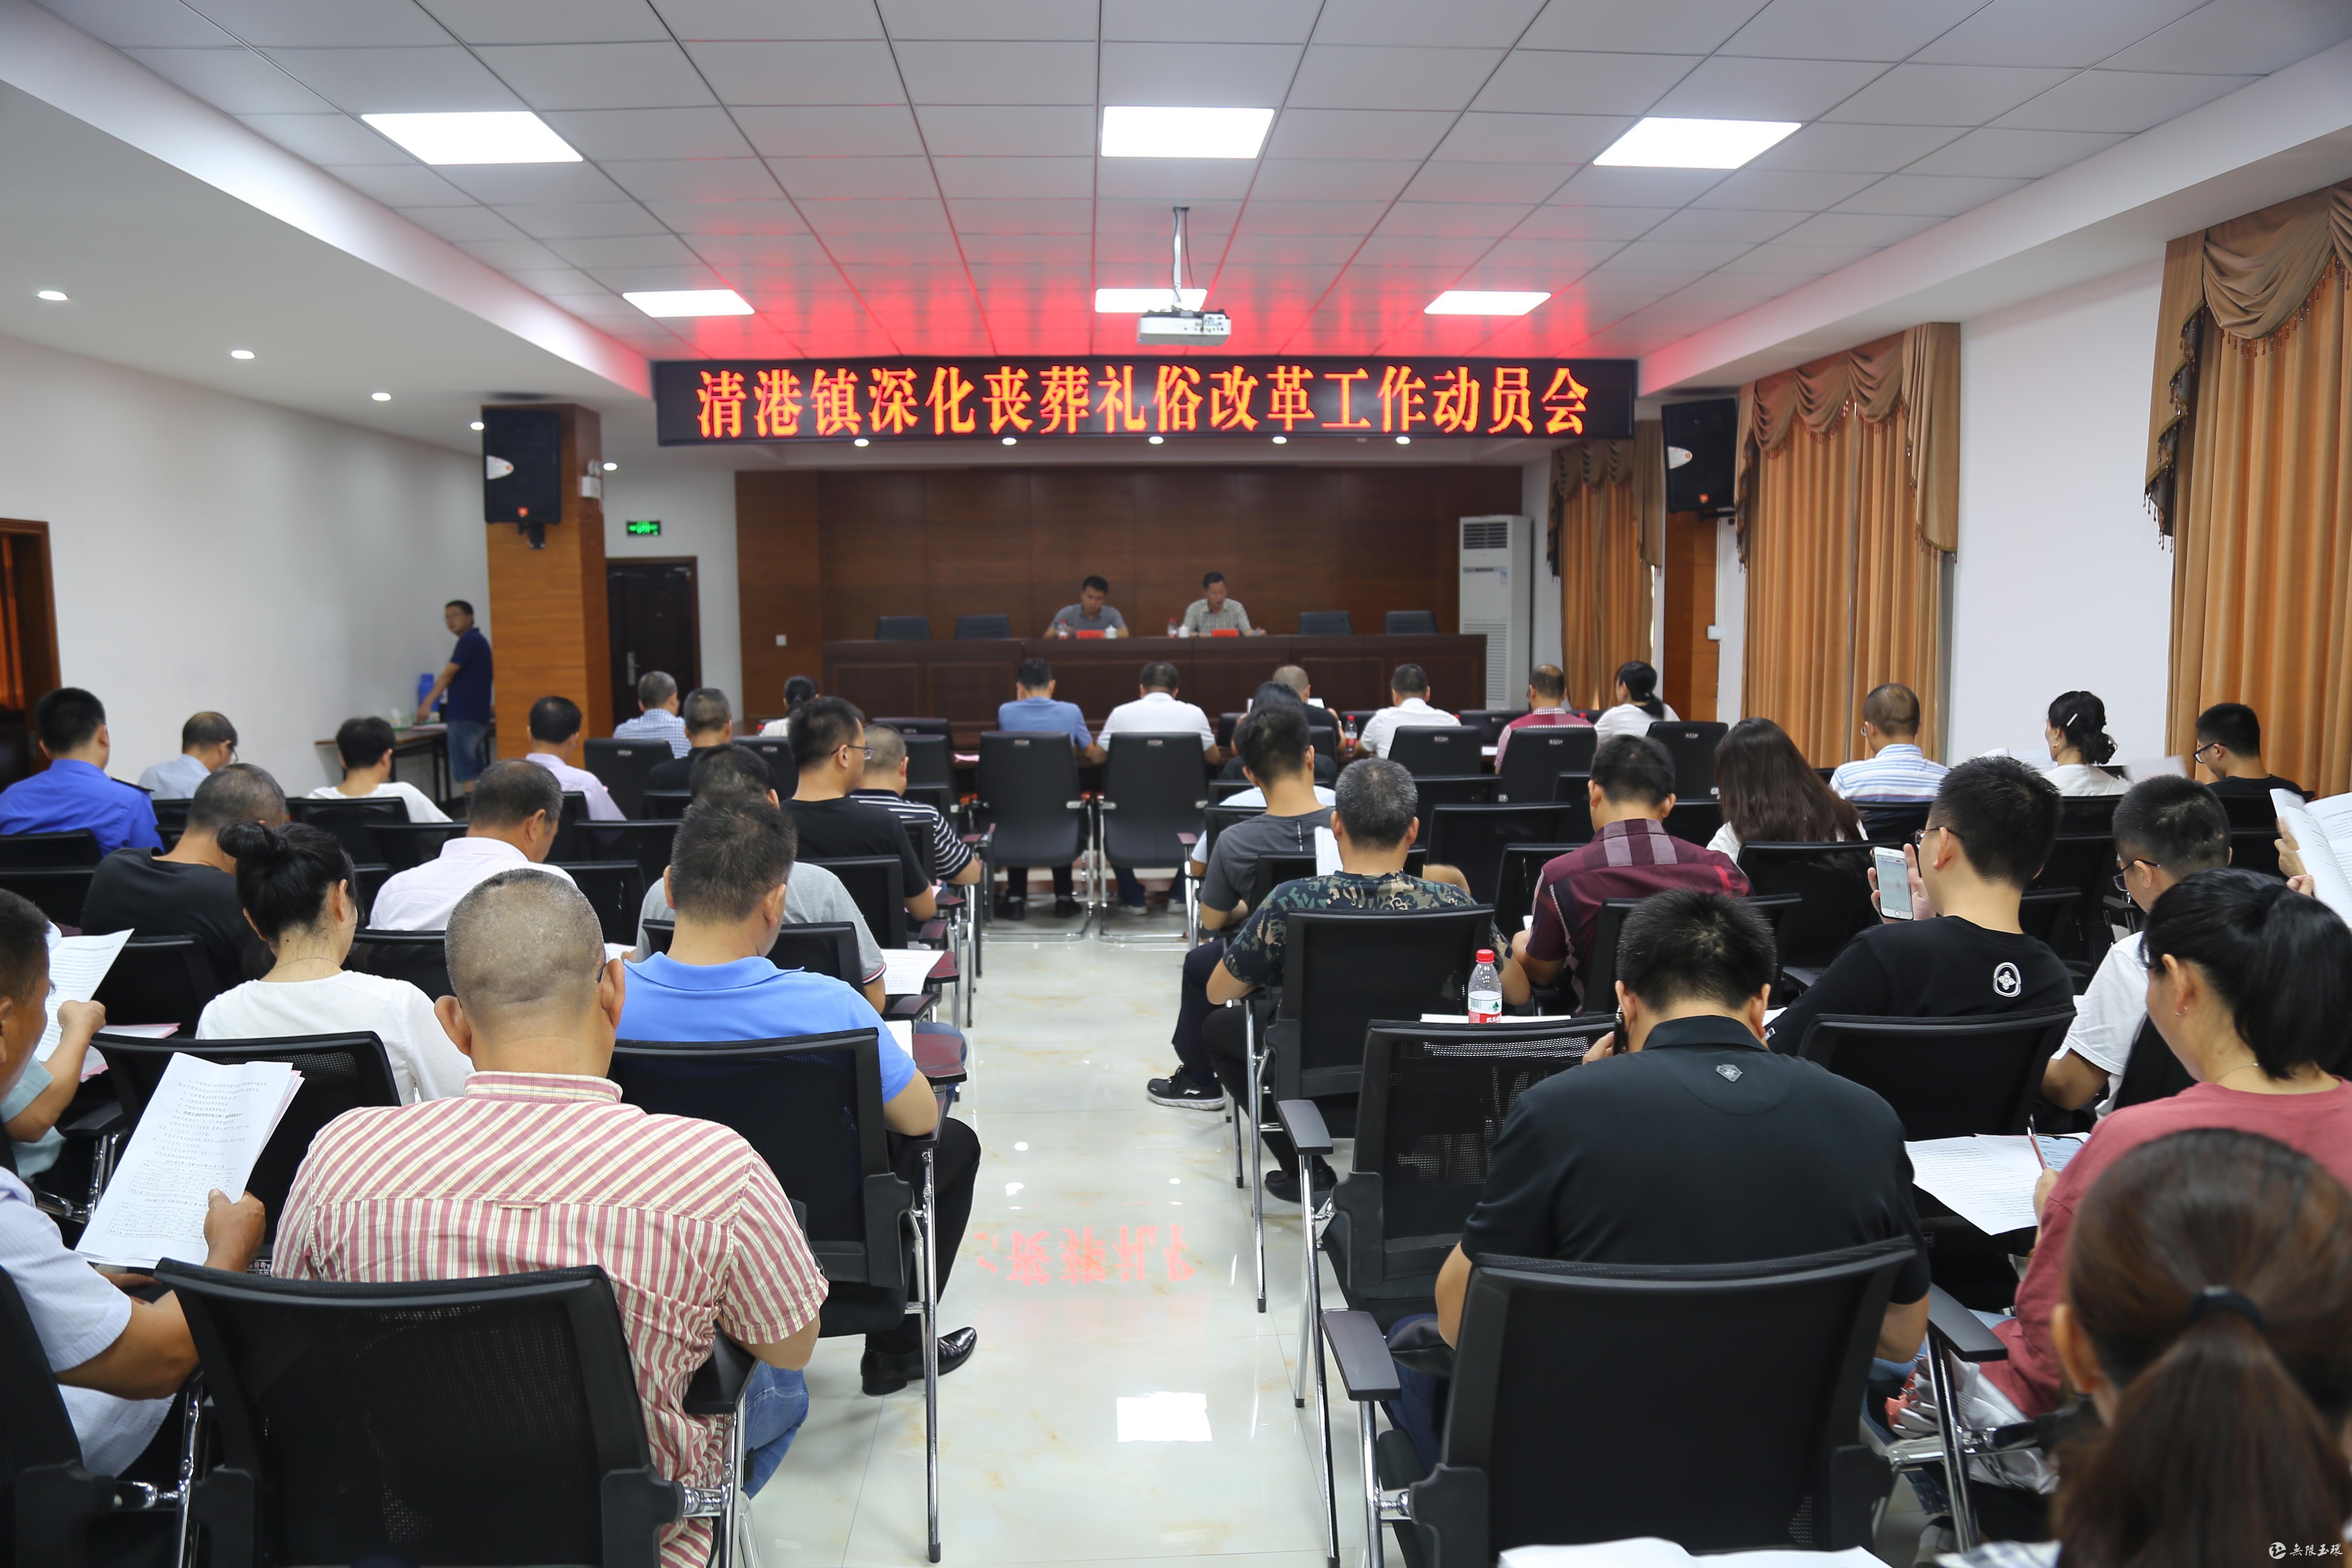 清港:召开深化丧葬礼俗改革工作动员会